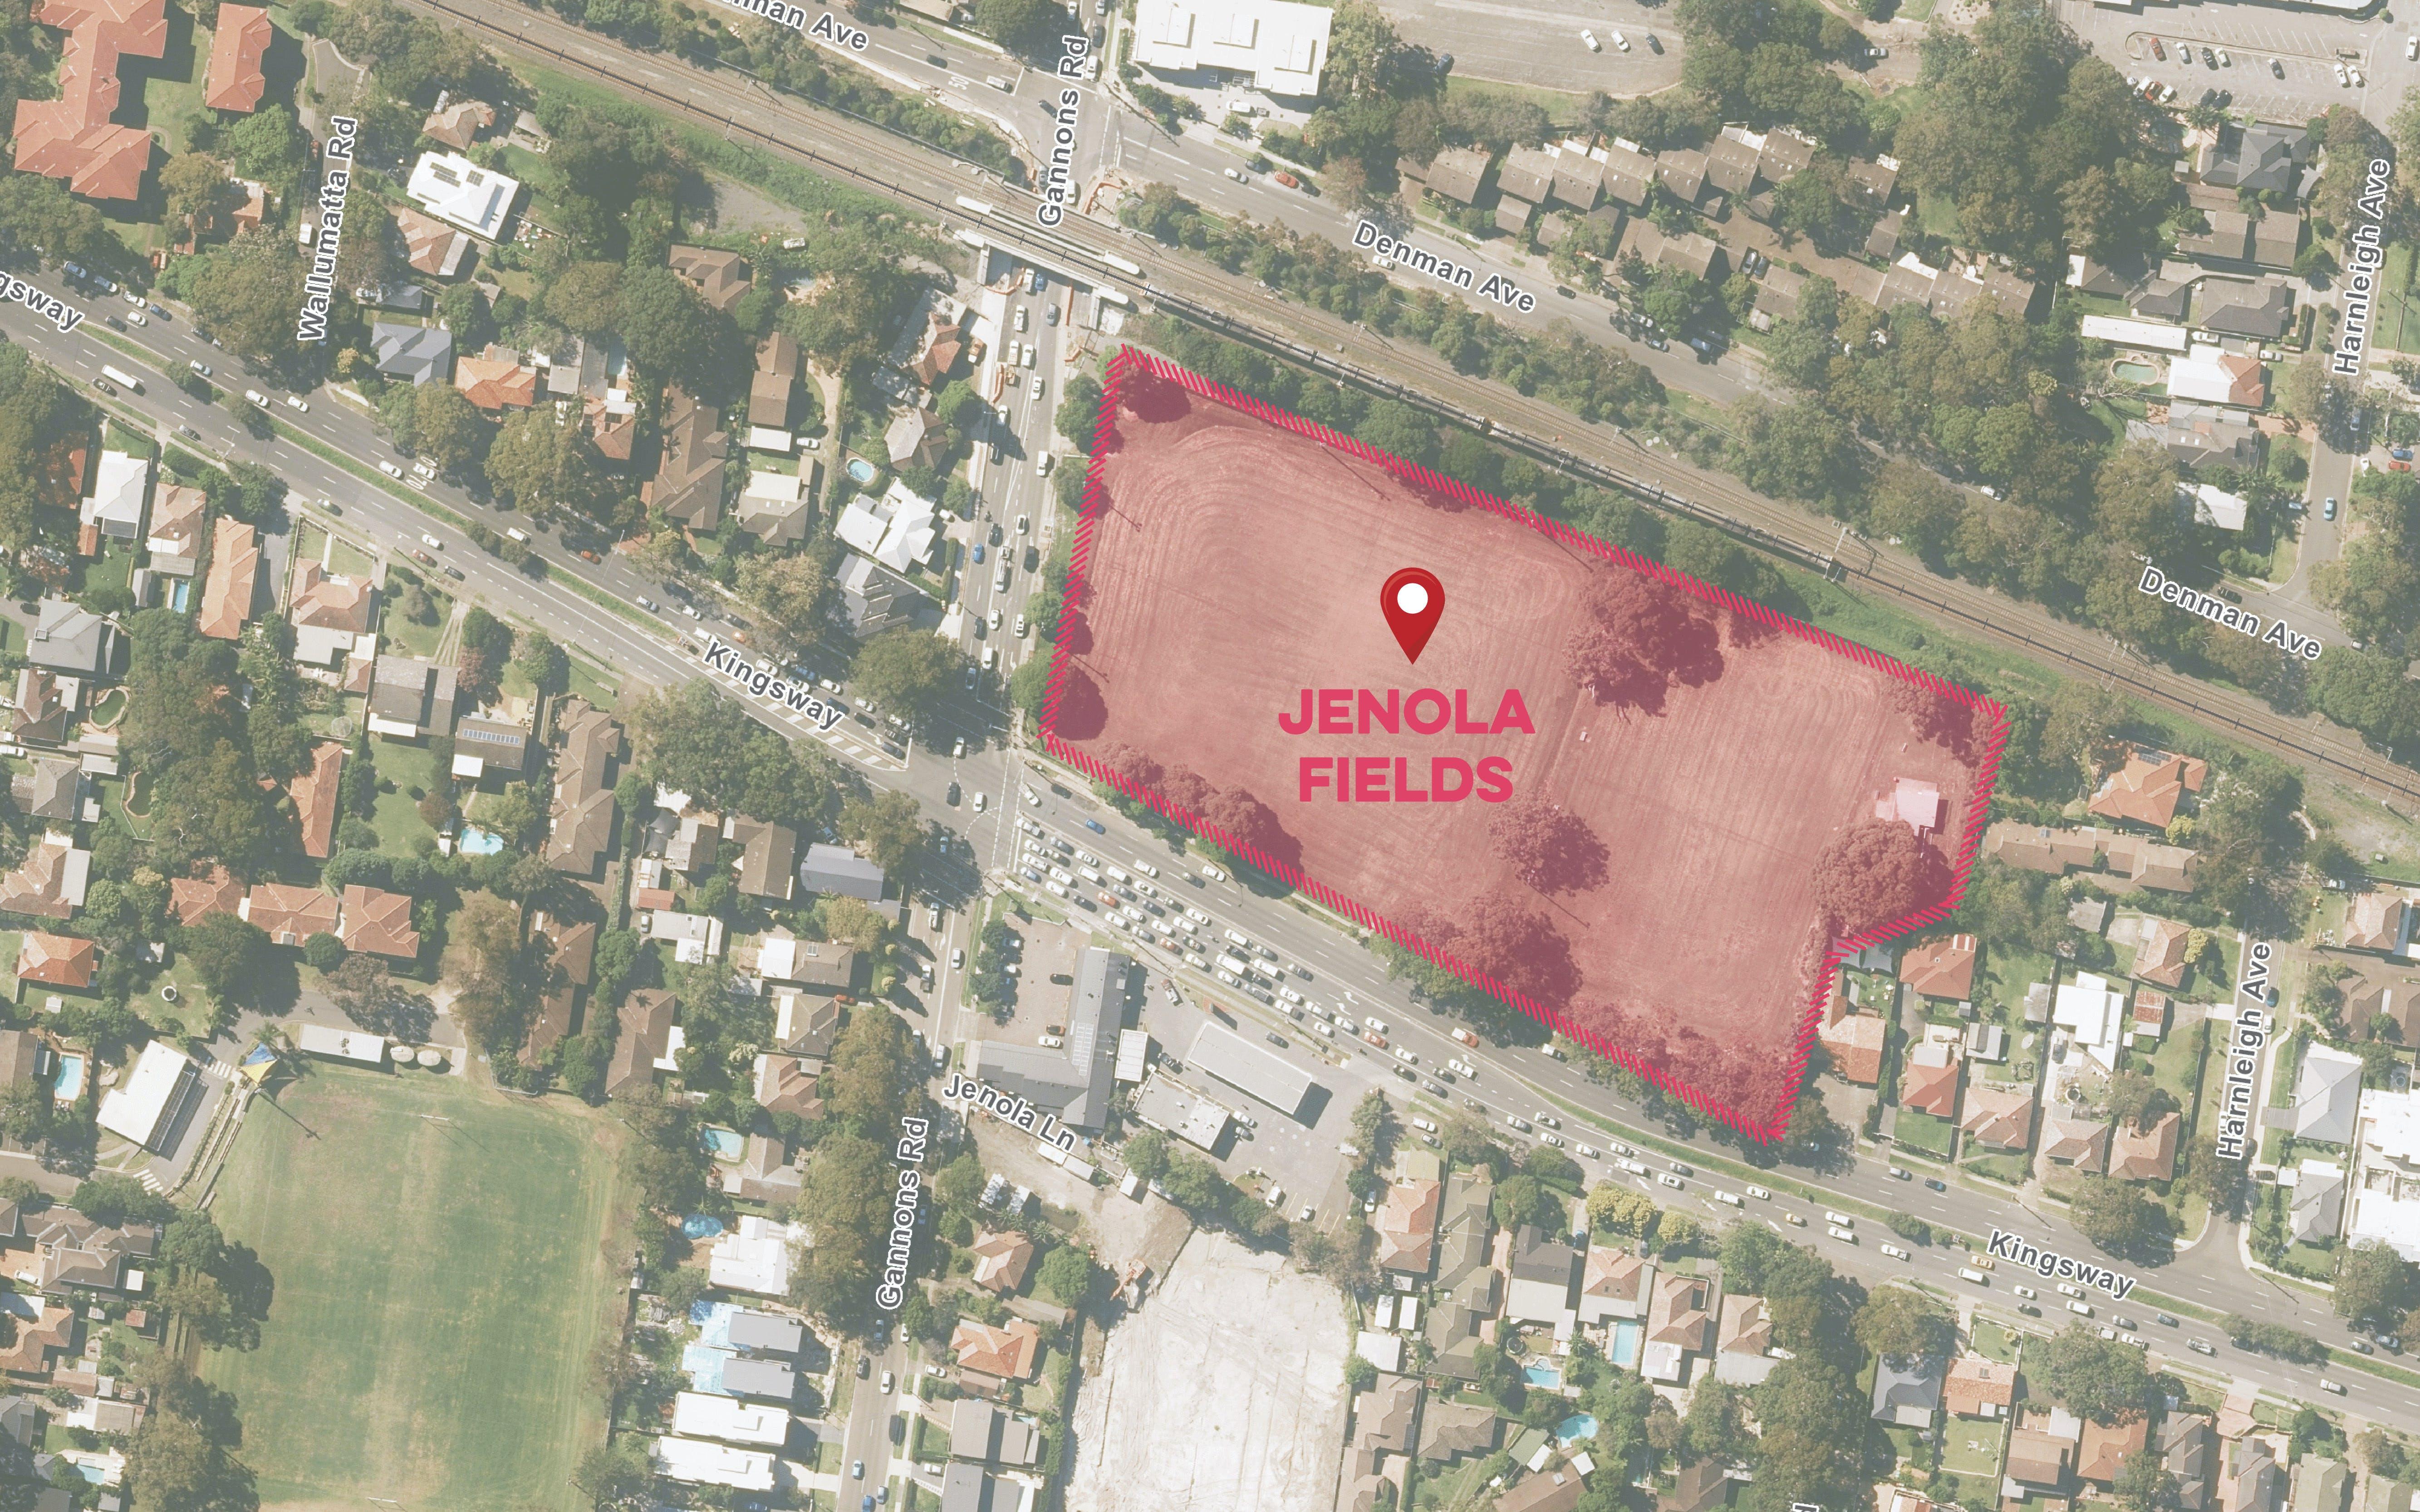 Map of Jenola Fields